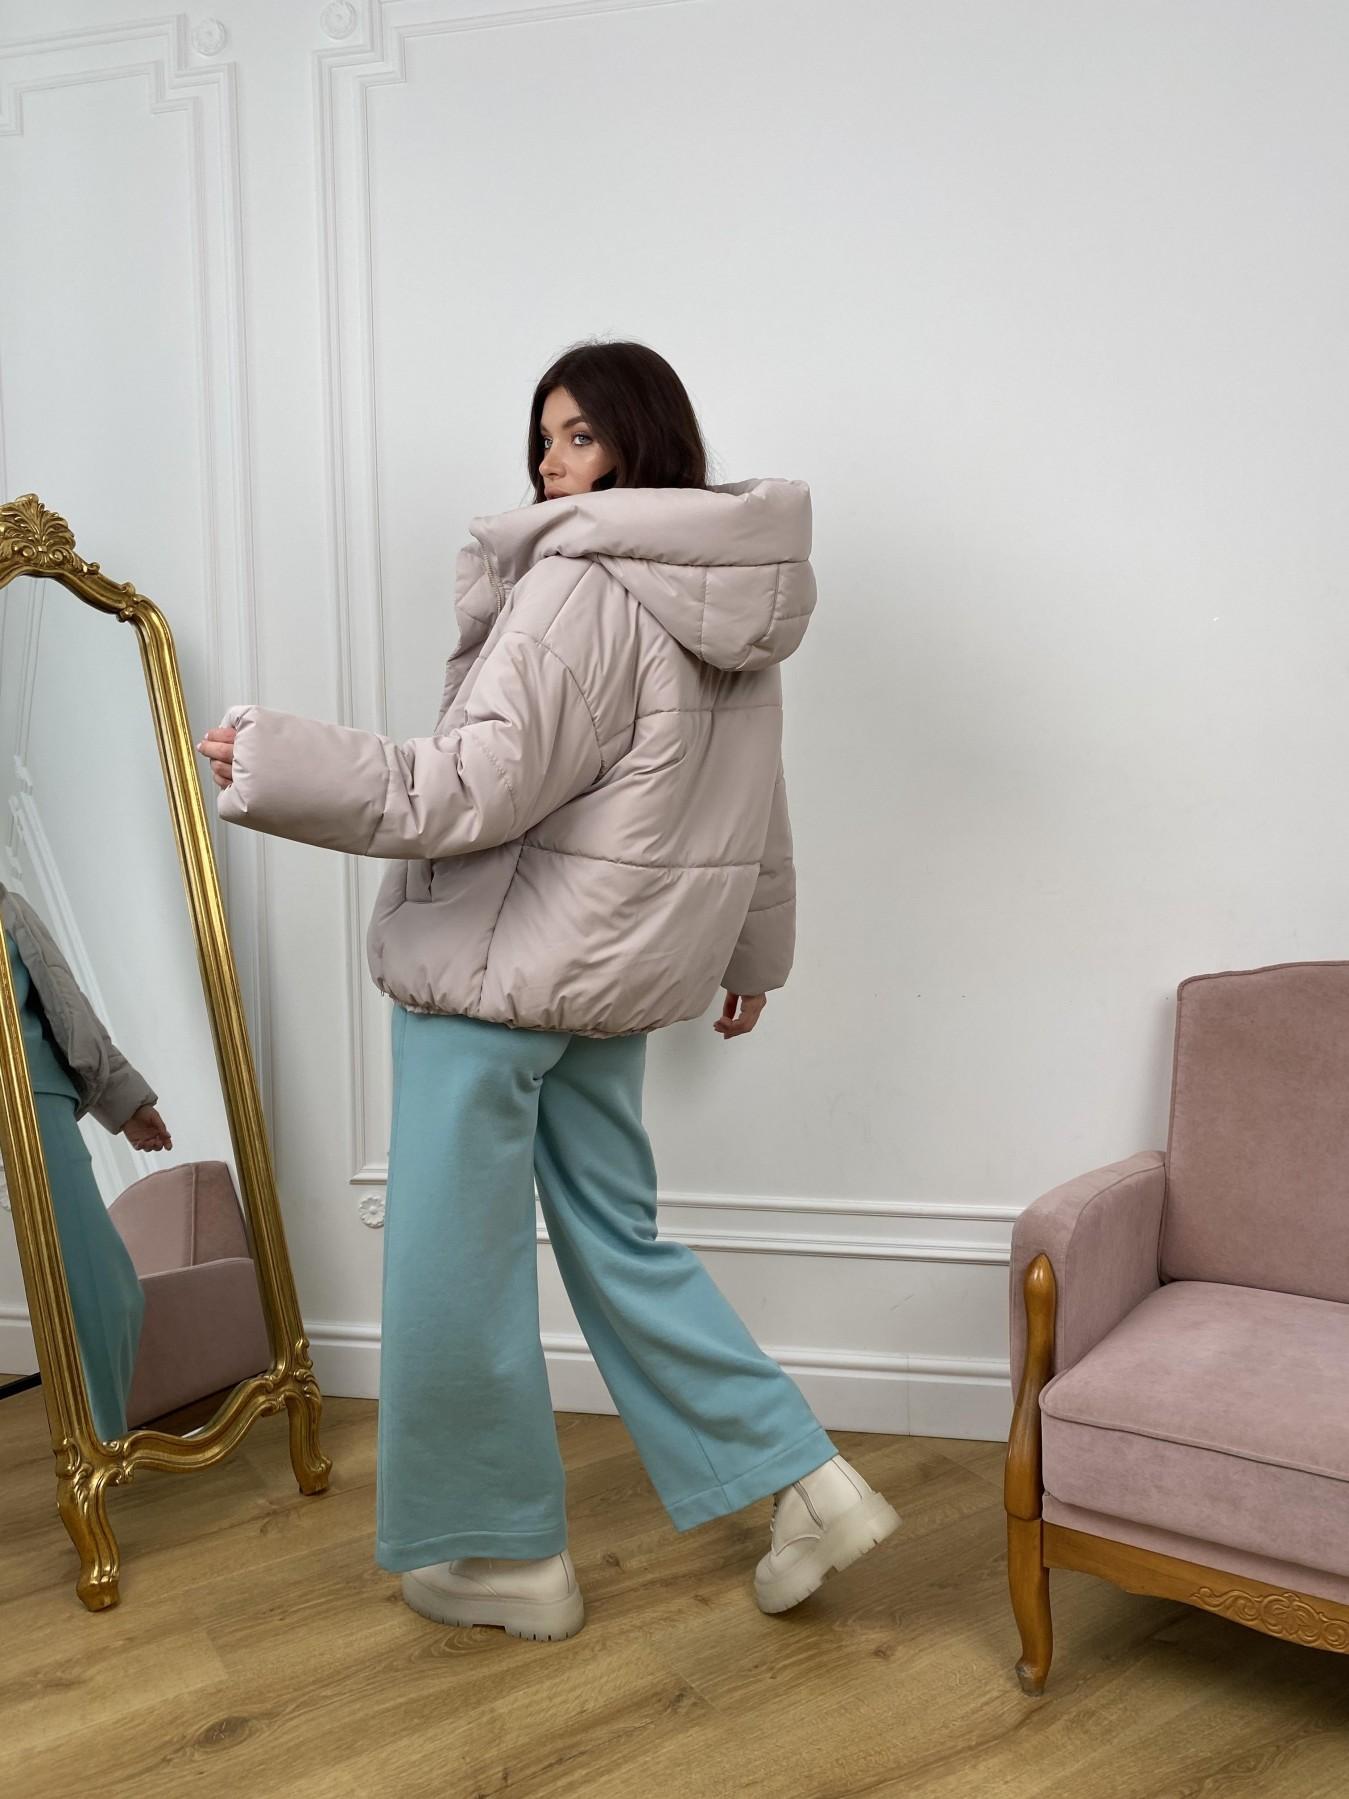 Нокс куртка из плащевой ткани 10535 АРТ. 46974 Цвет: Бежевый 511 - фото 1, интернет магазин tm-modus.ru